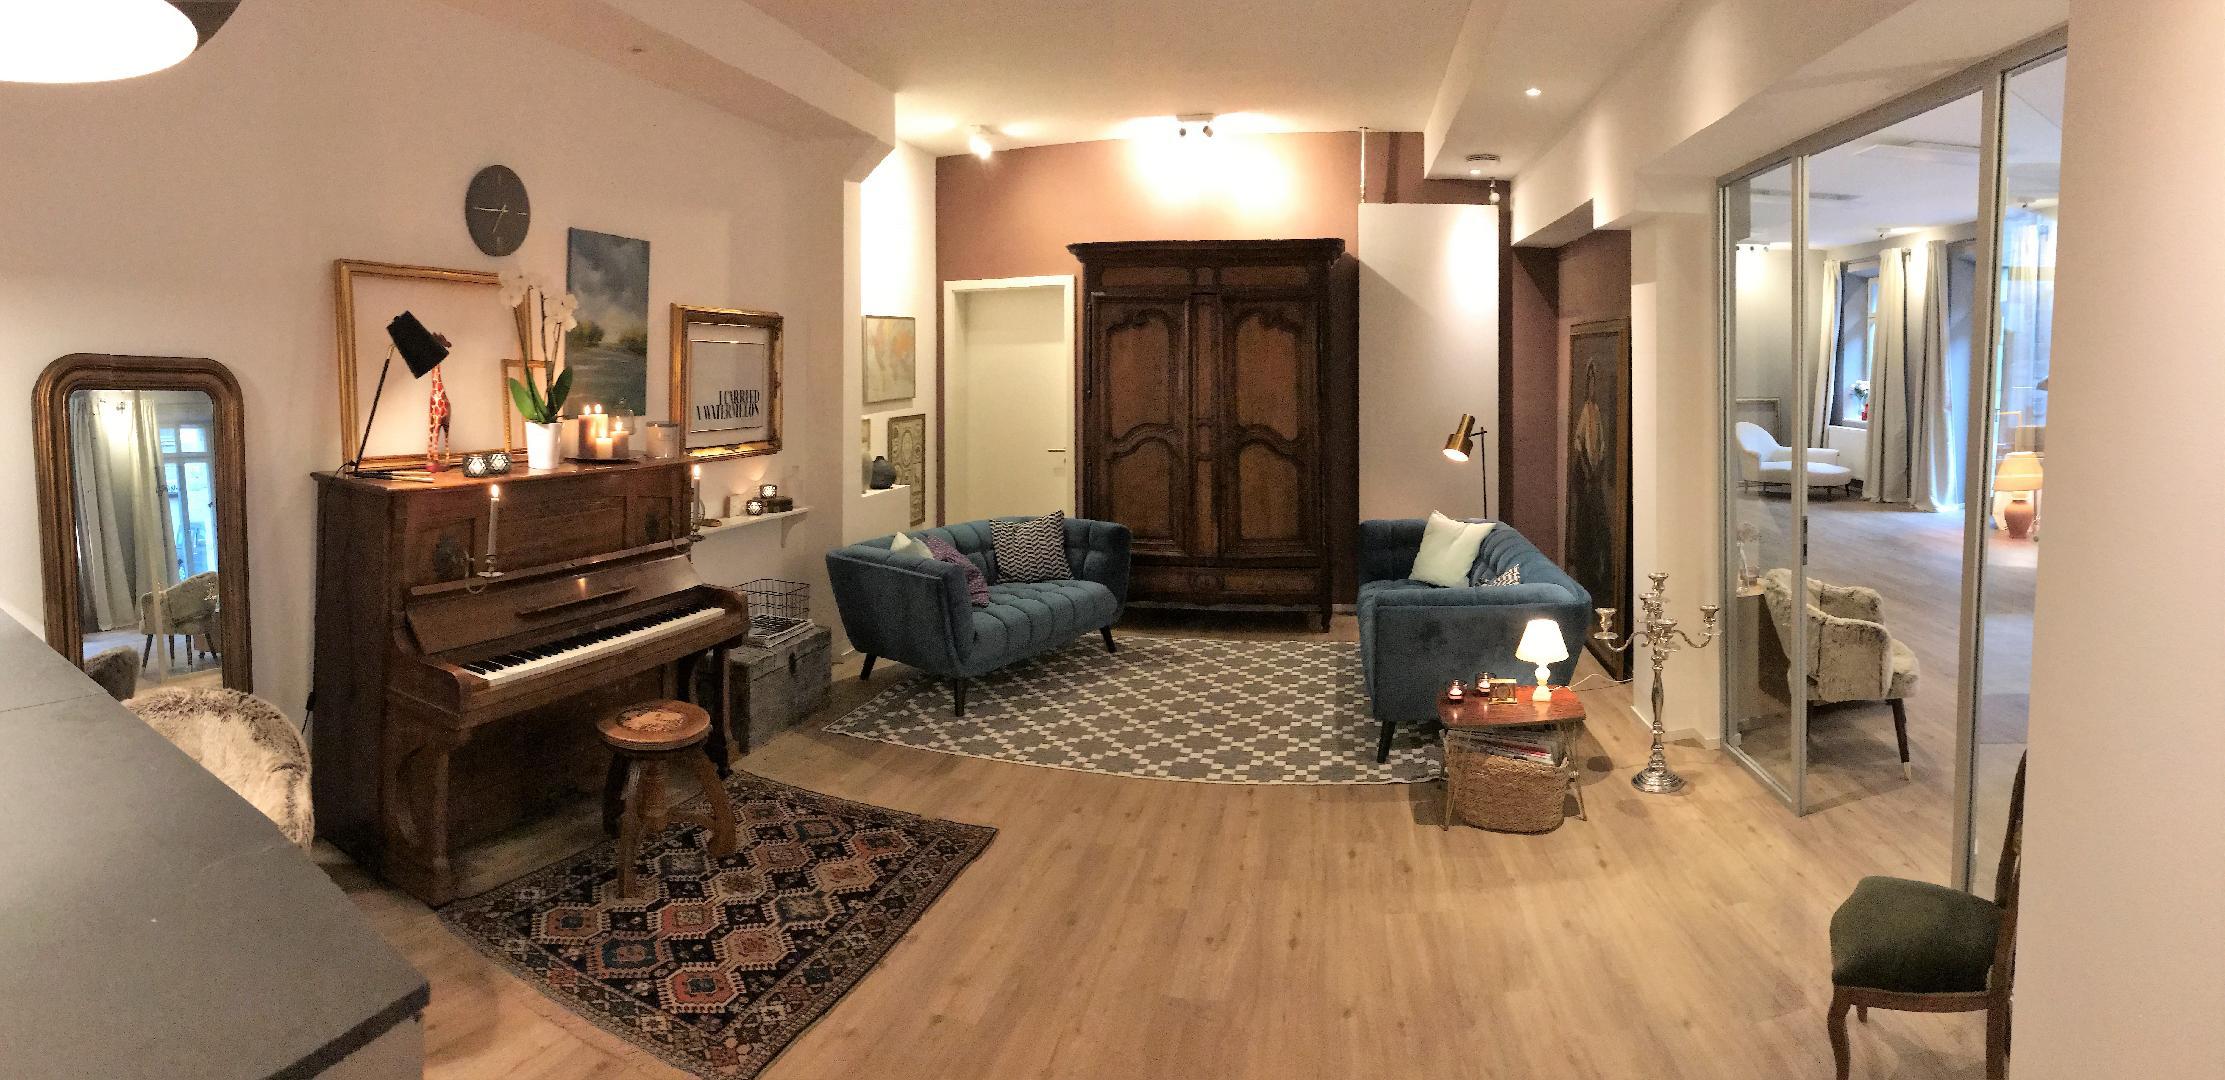 bild 1 von seminarraum in wohnzimmer atmosphare